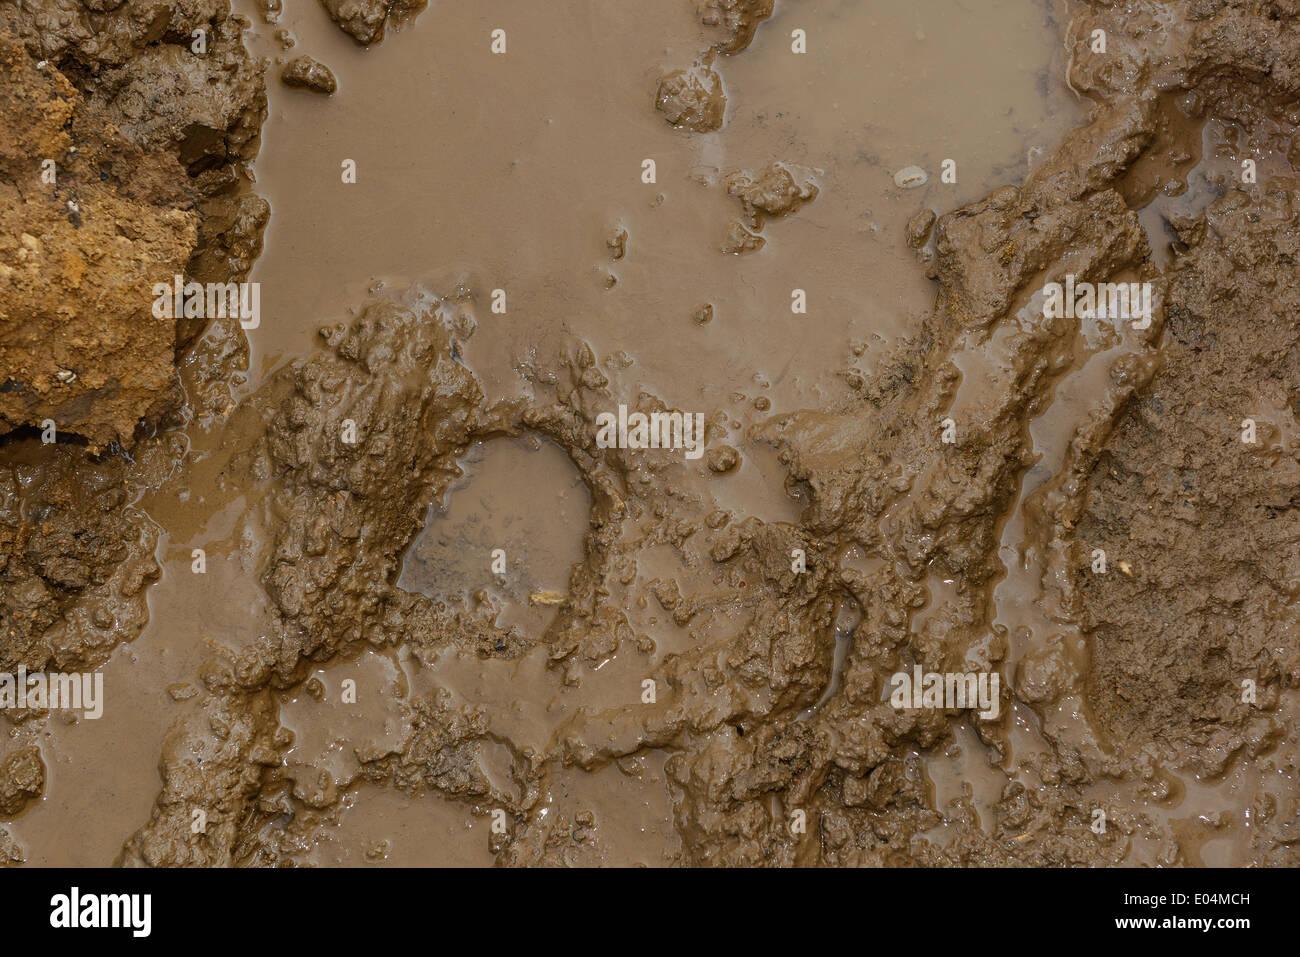 Footprint in mud - Stock Image